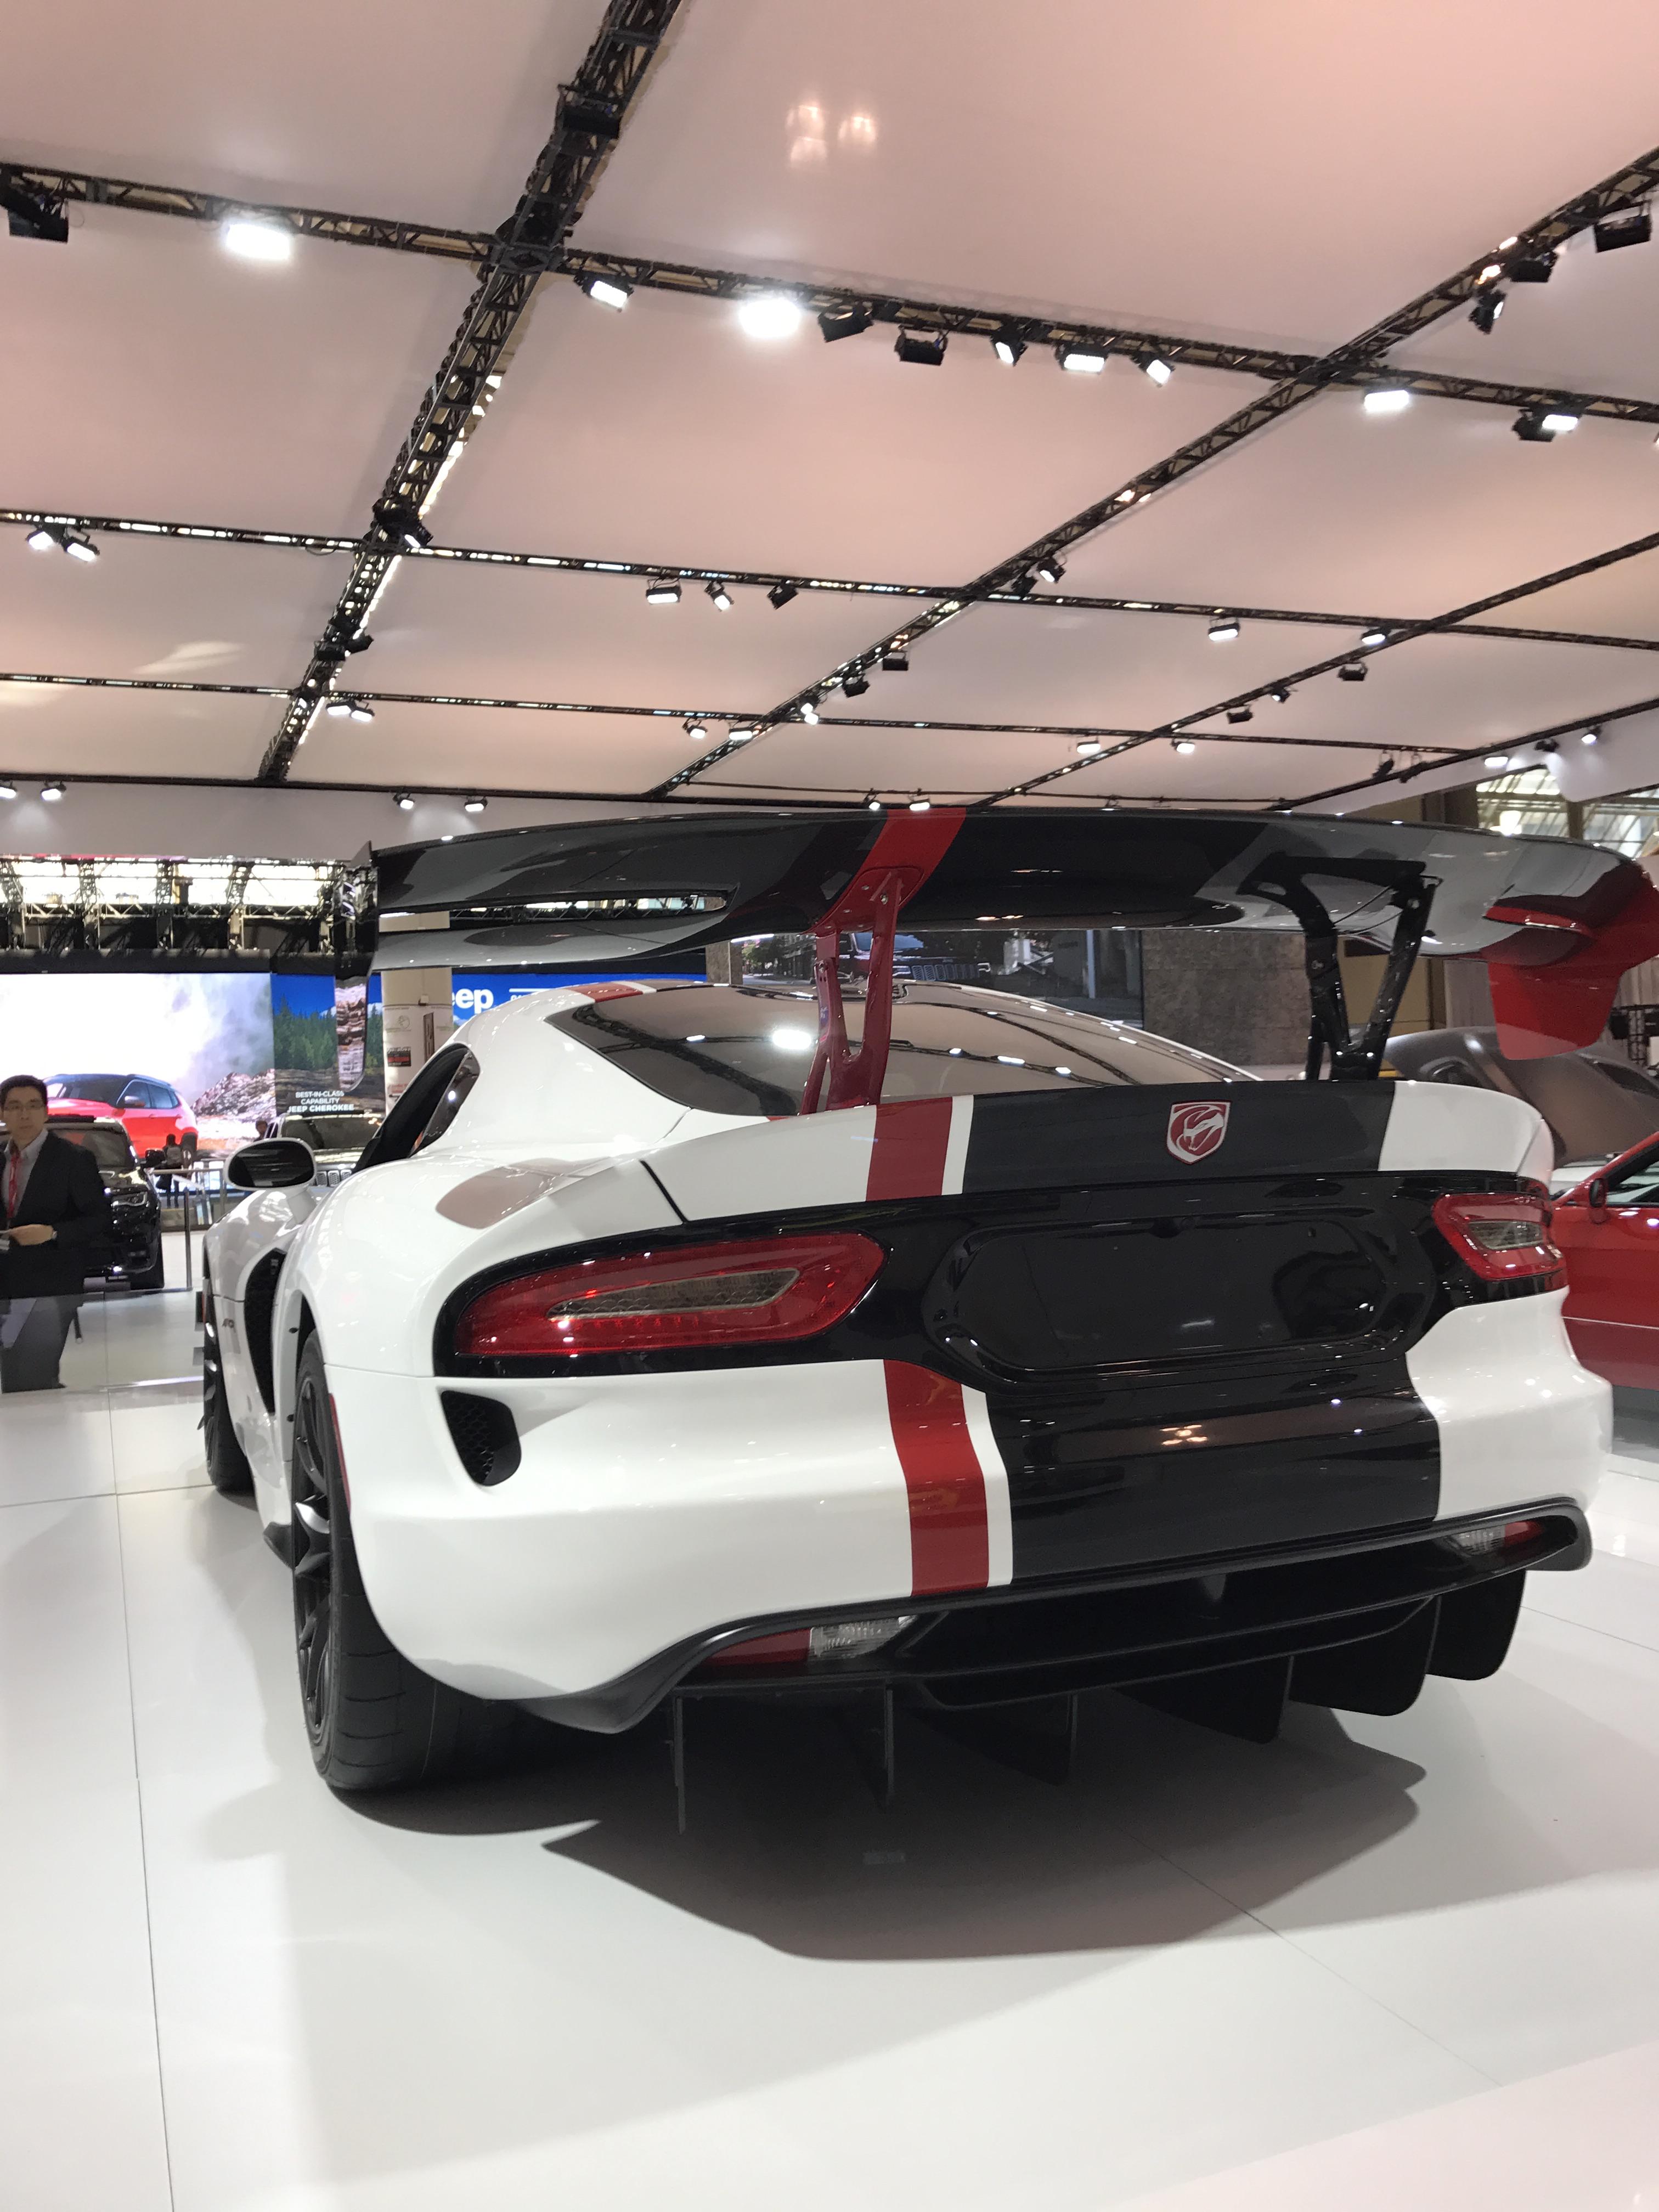 Dodge - Canadian International Autoshow #CIAS2017